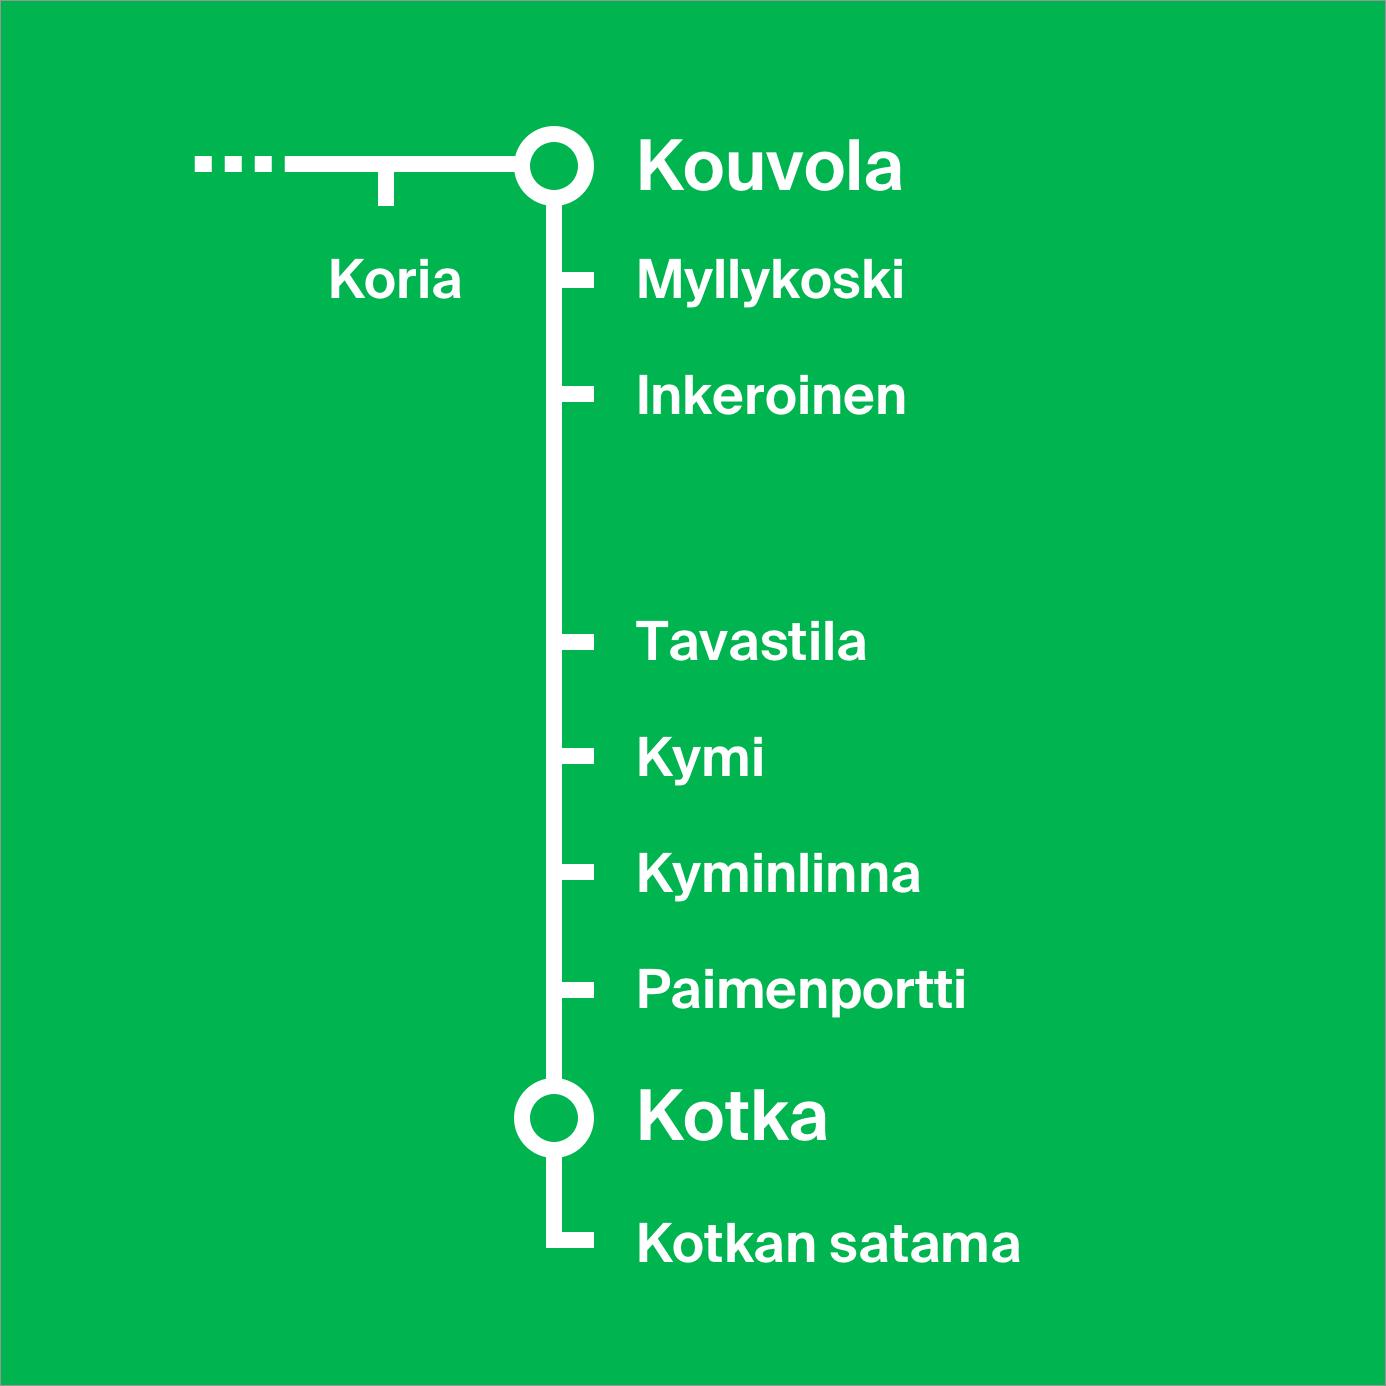 Vr Kouvola Kotka